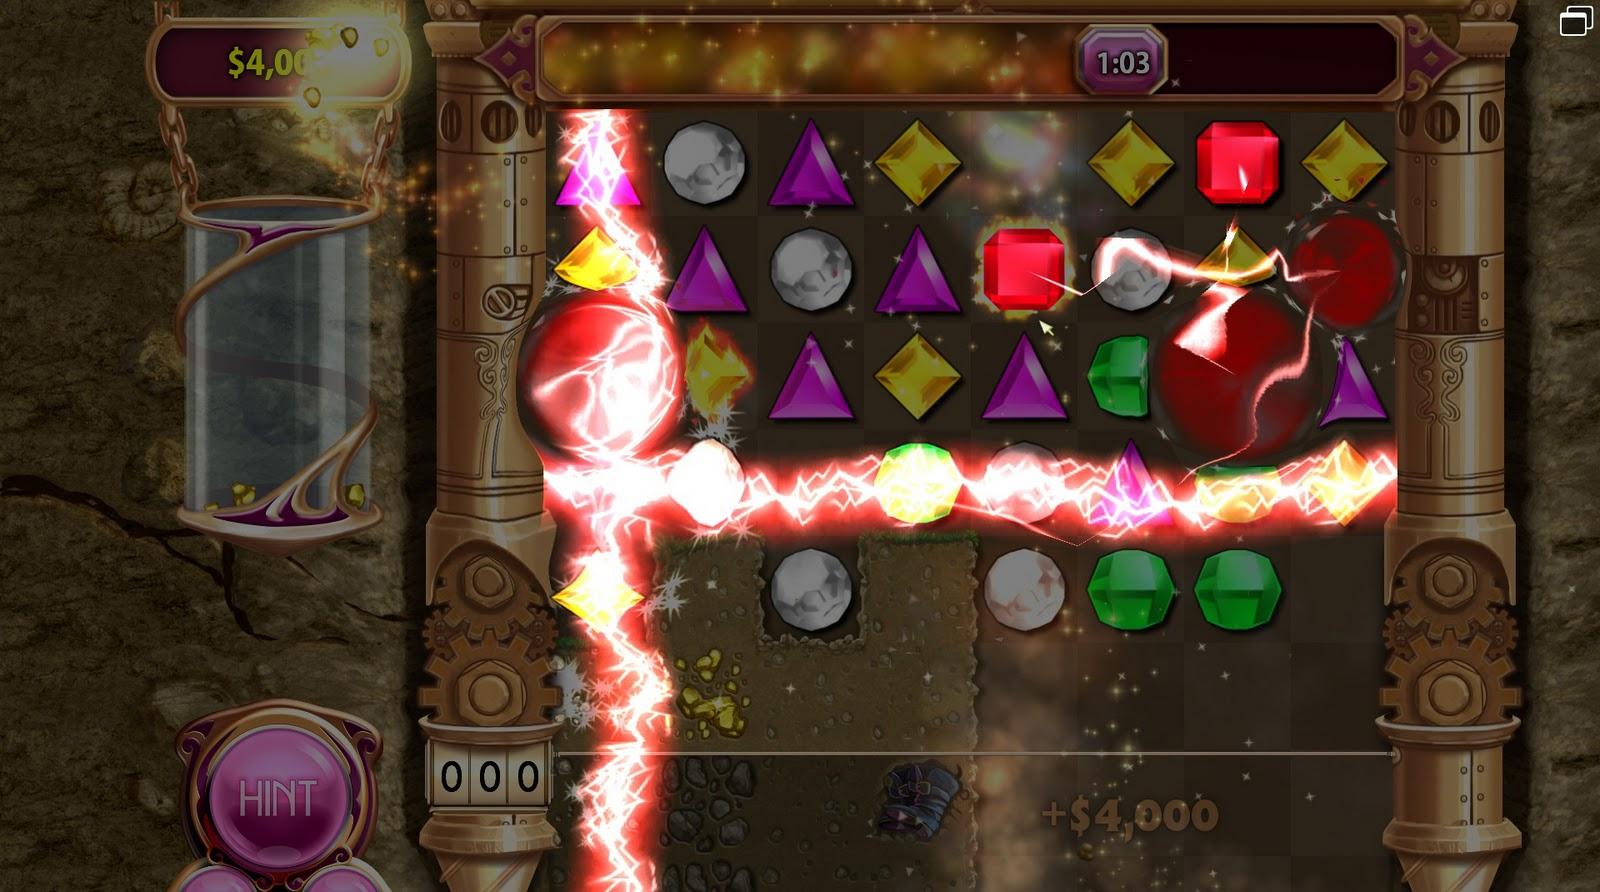 Freie spielen ohne anmeldung bejeweled kostenlos